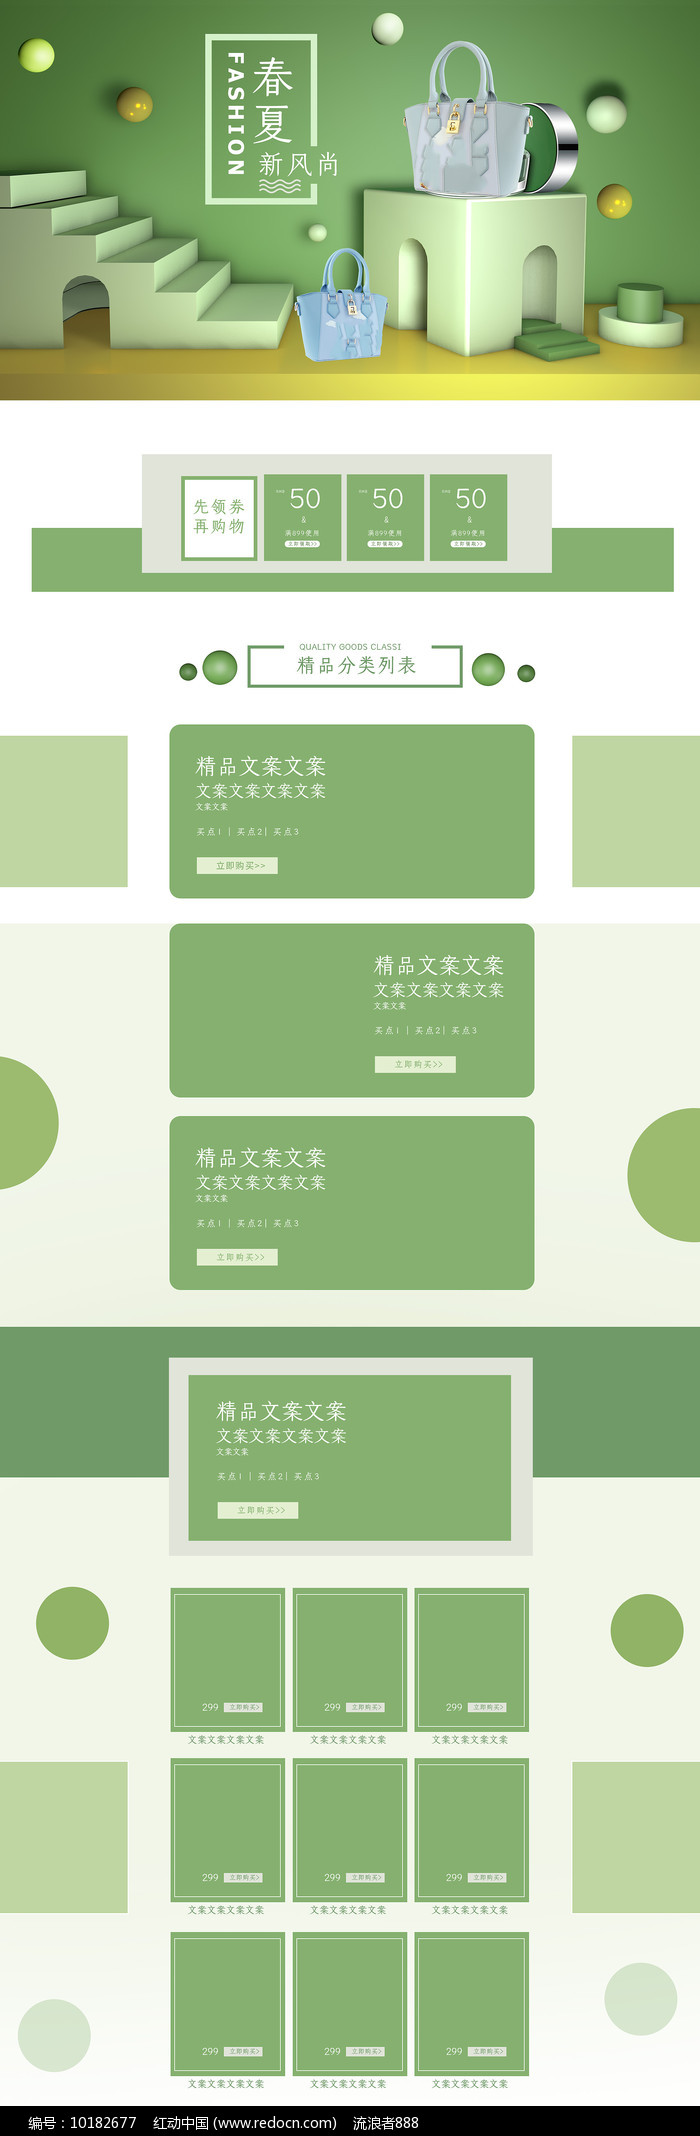 春天店铺首页装修模板图片